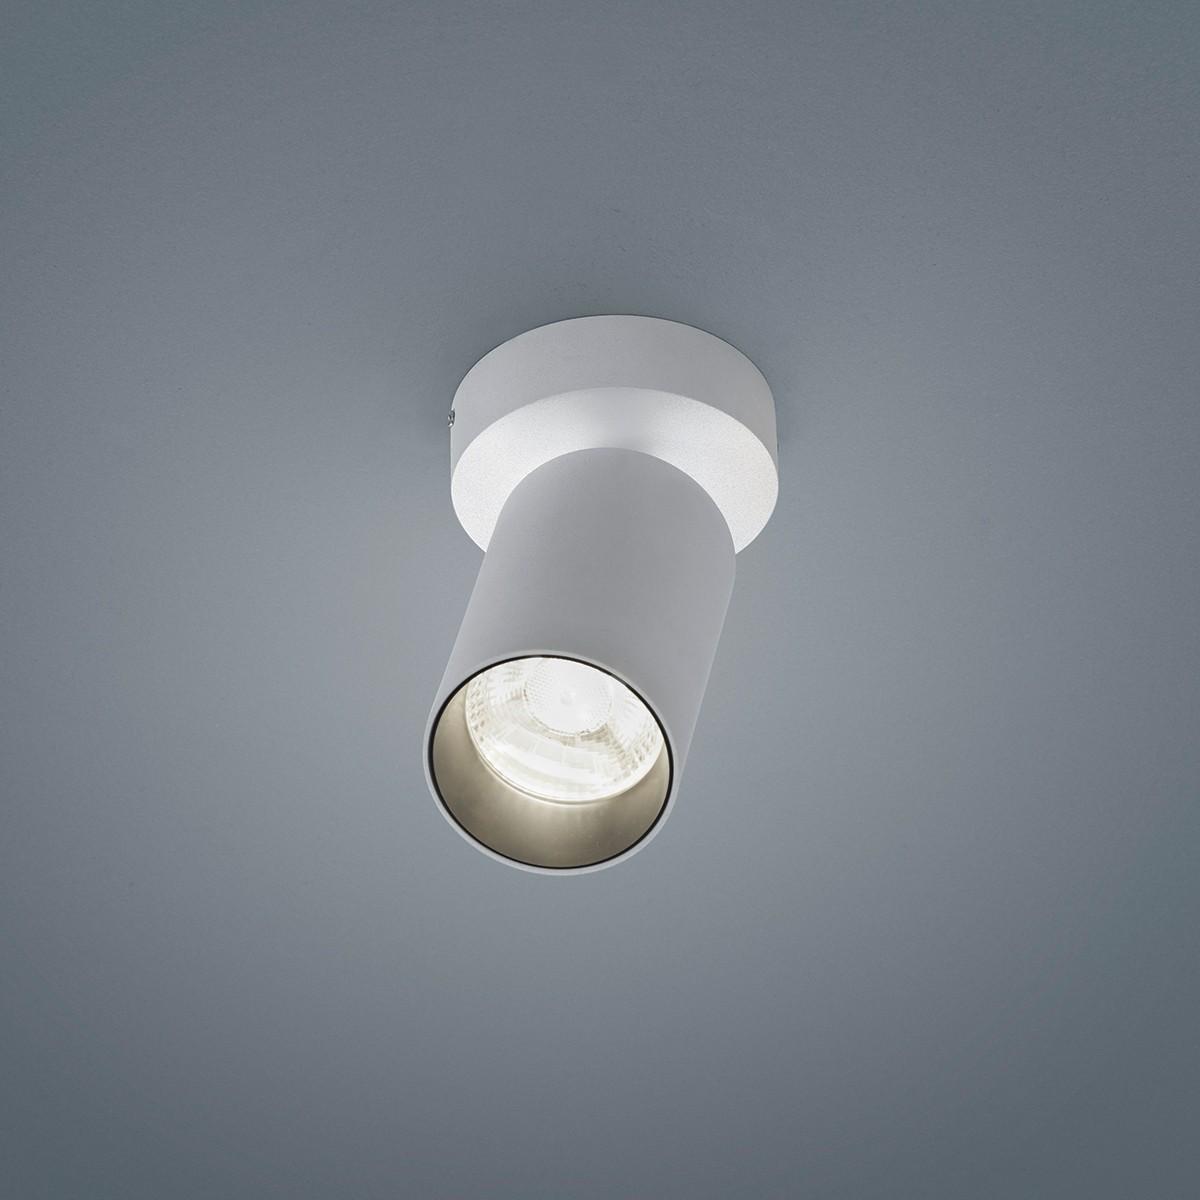 Helestra Riwa LED Deckenleuchte, 1-flg., weiß matt